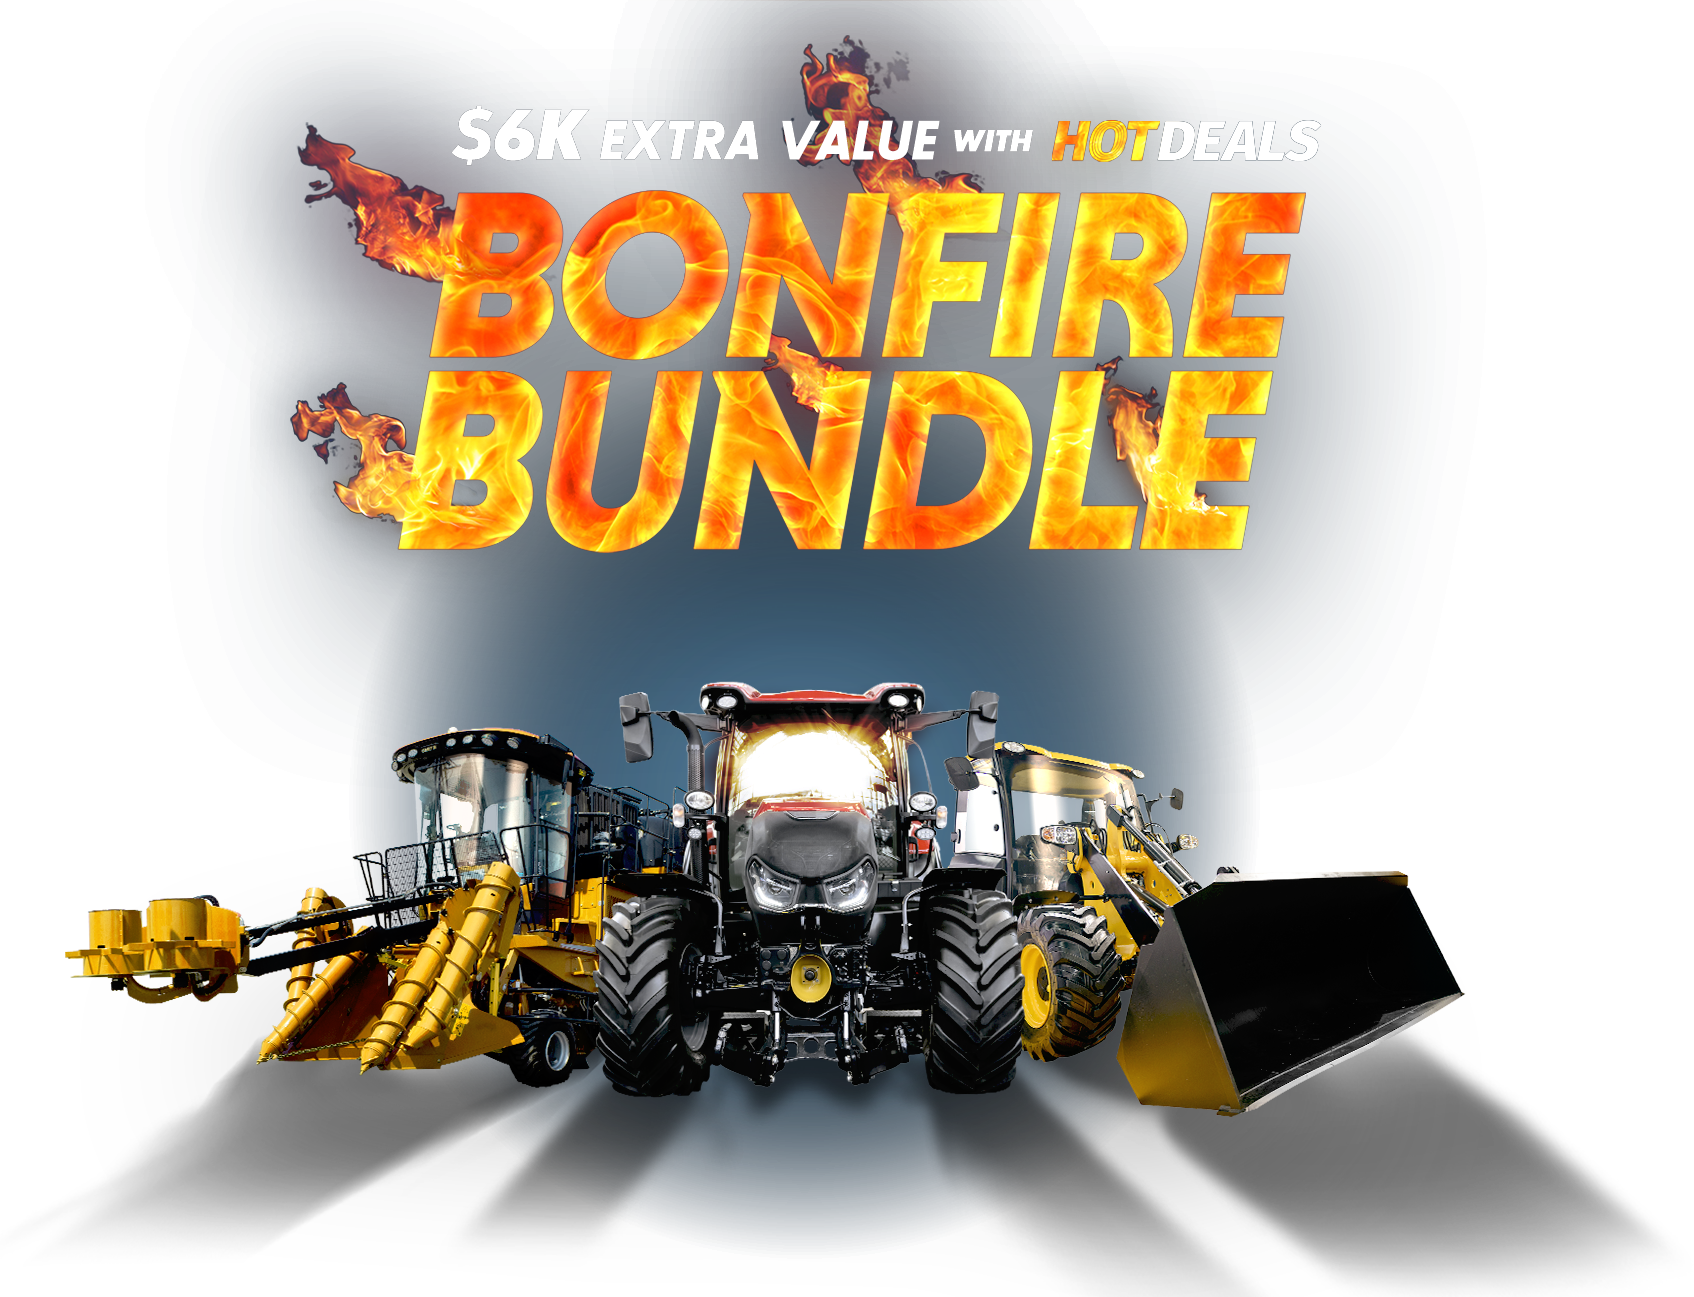 bonfire-bundle-panel-image-trans-bg